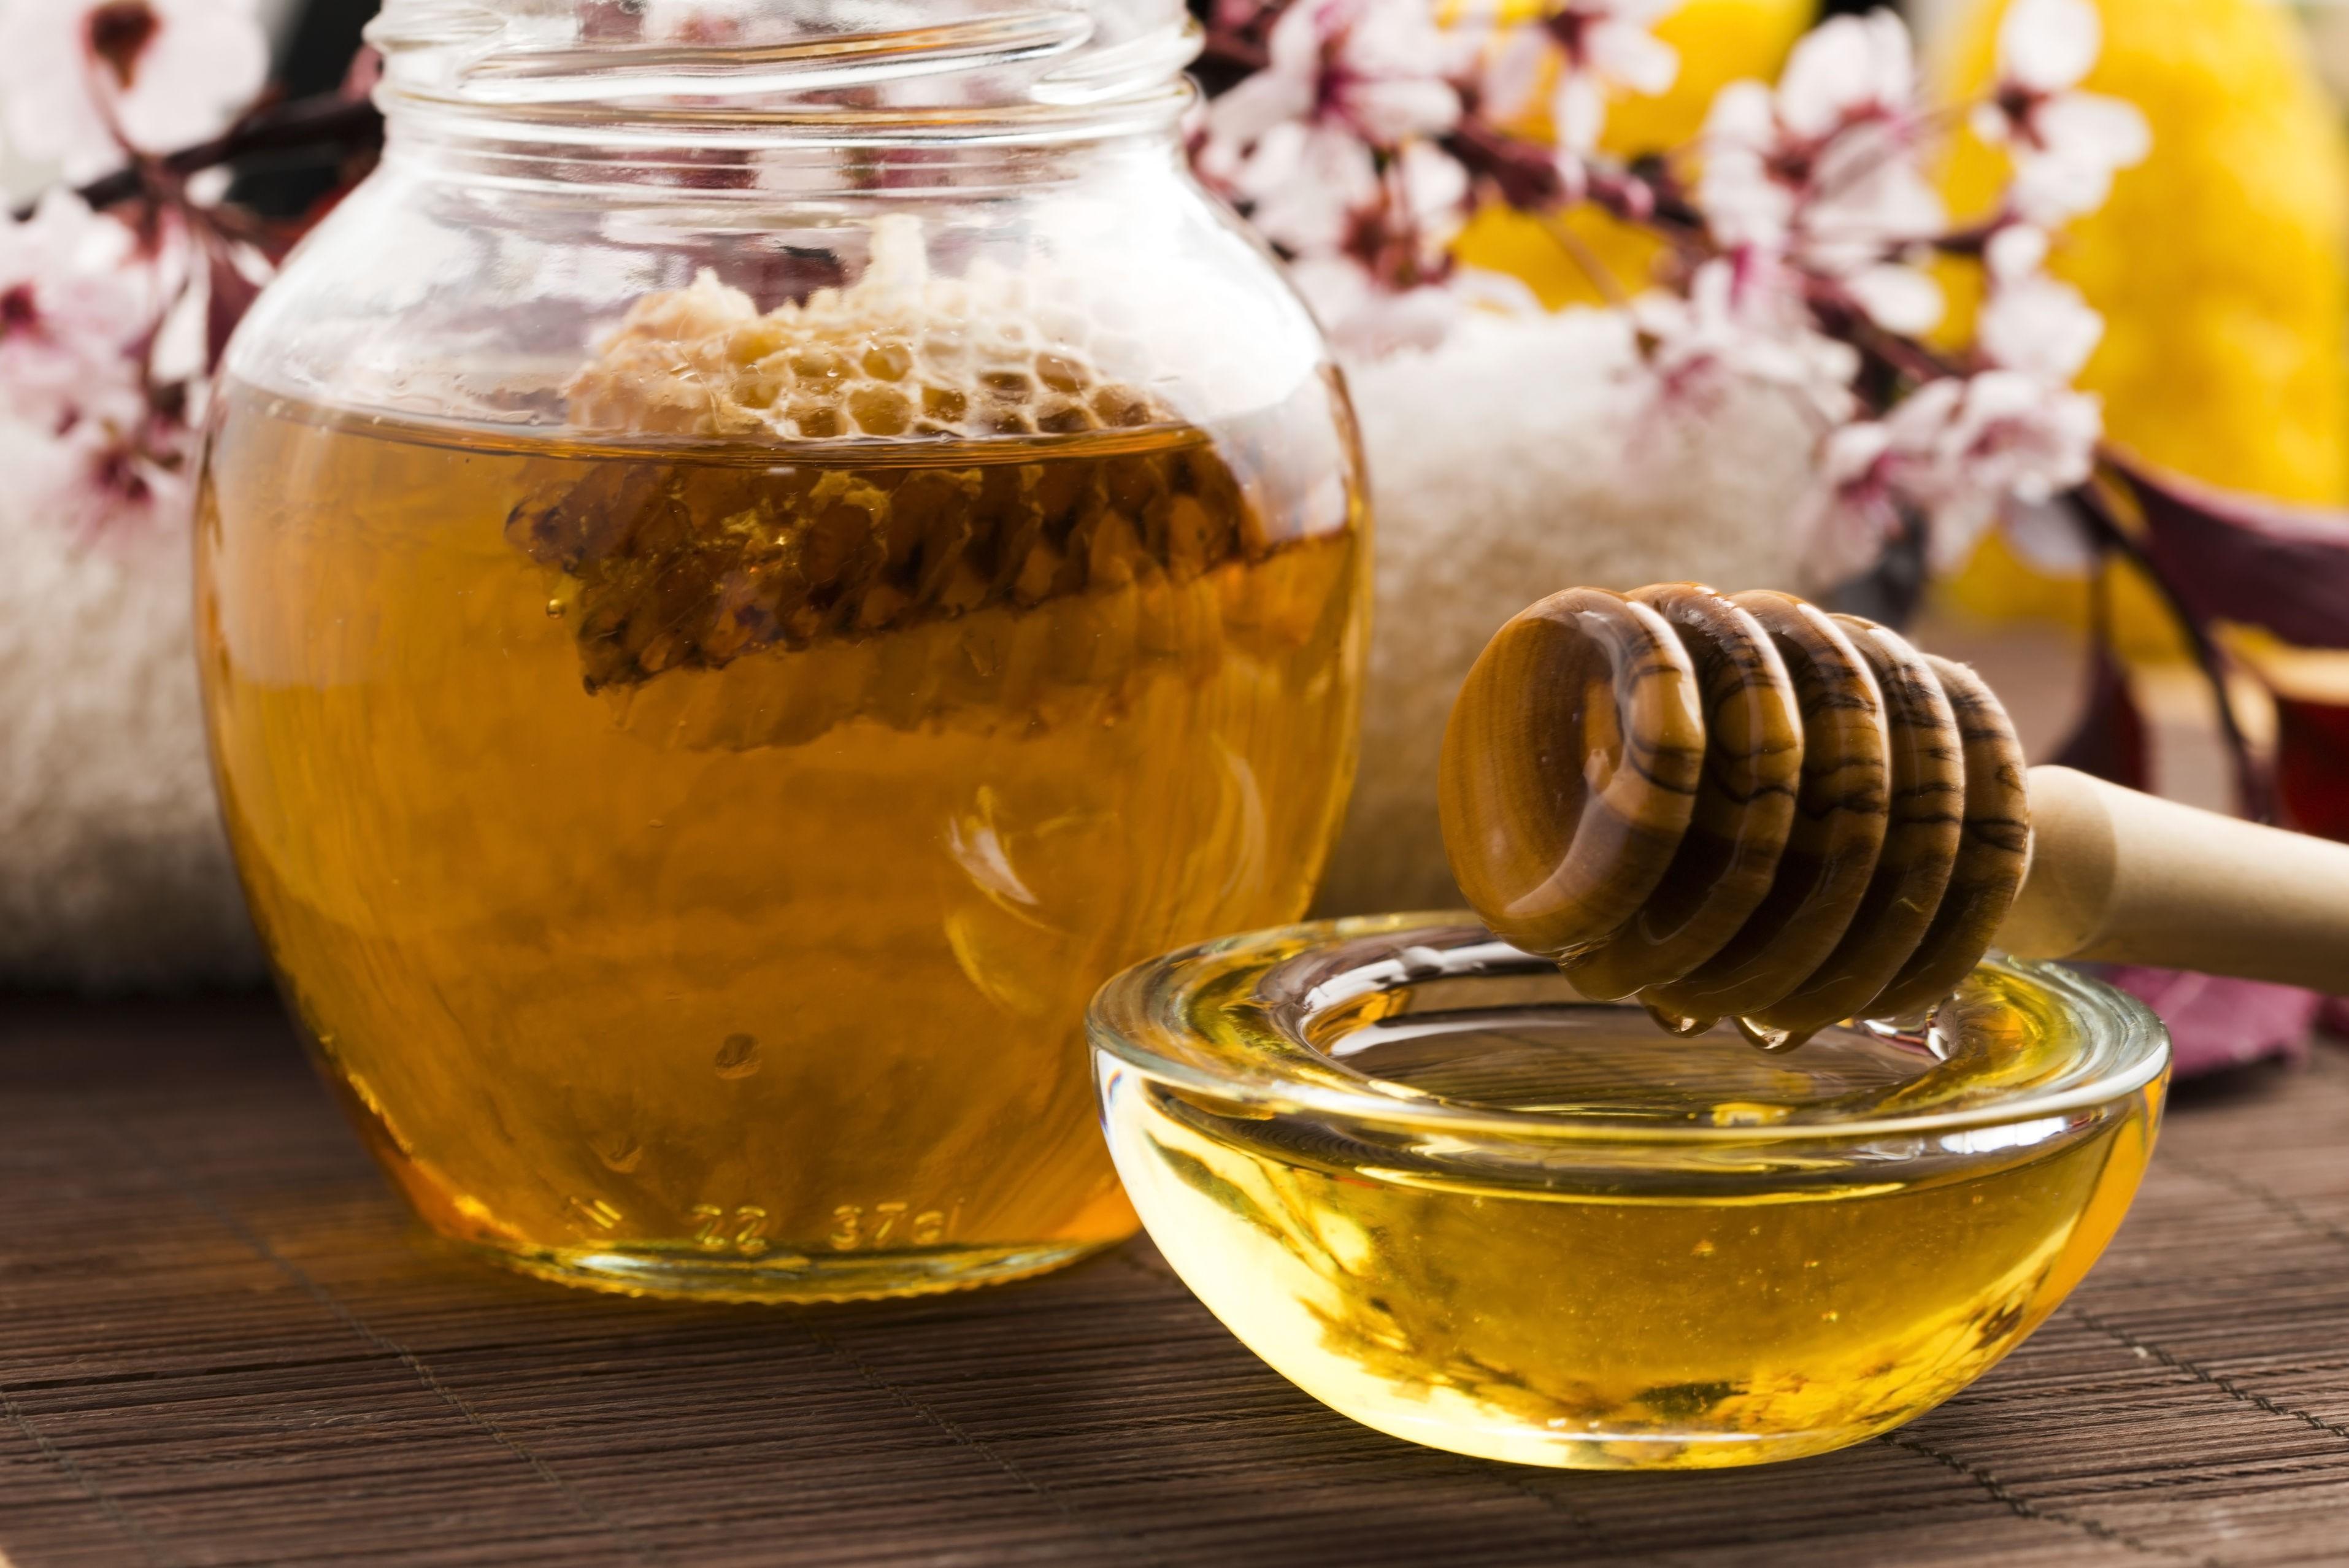 Kétszer annyi mézet eszünk, mint néhány éve